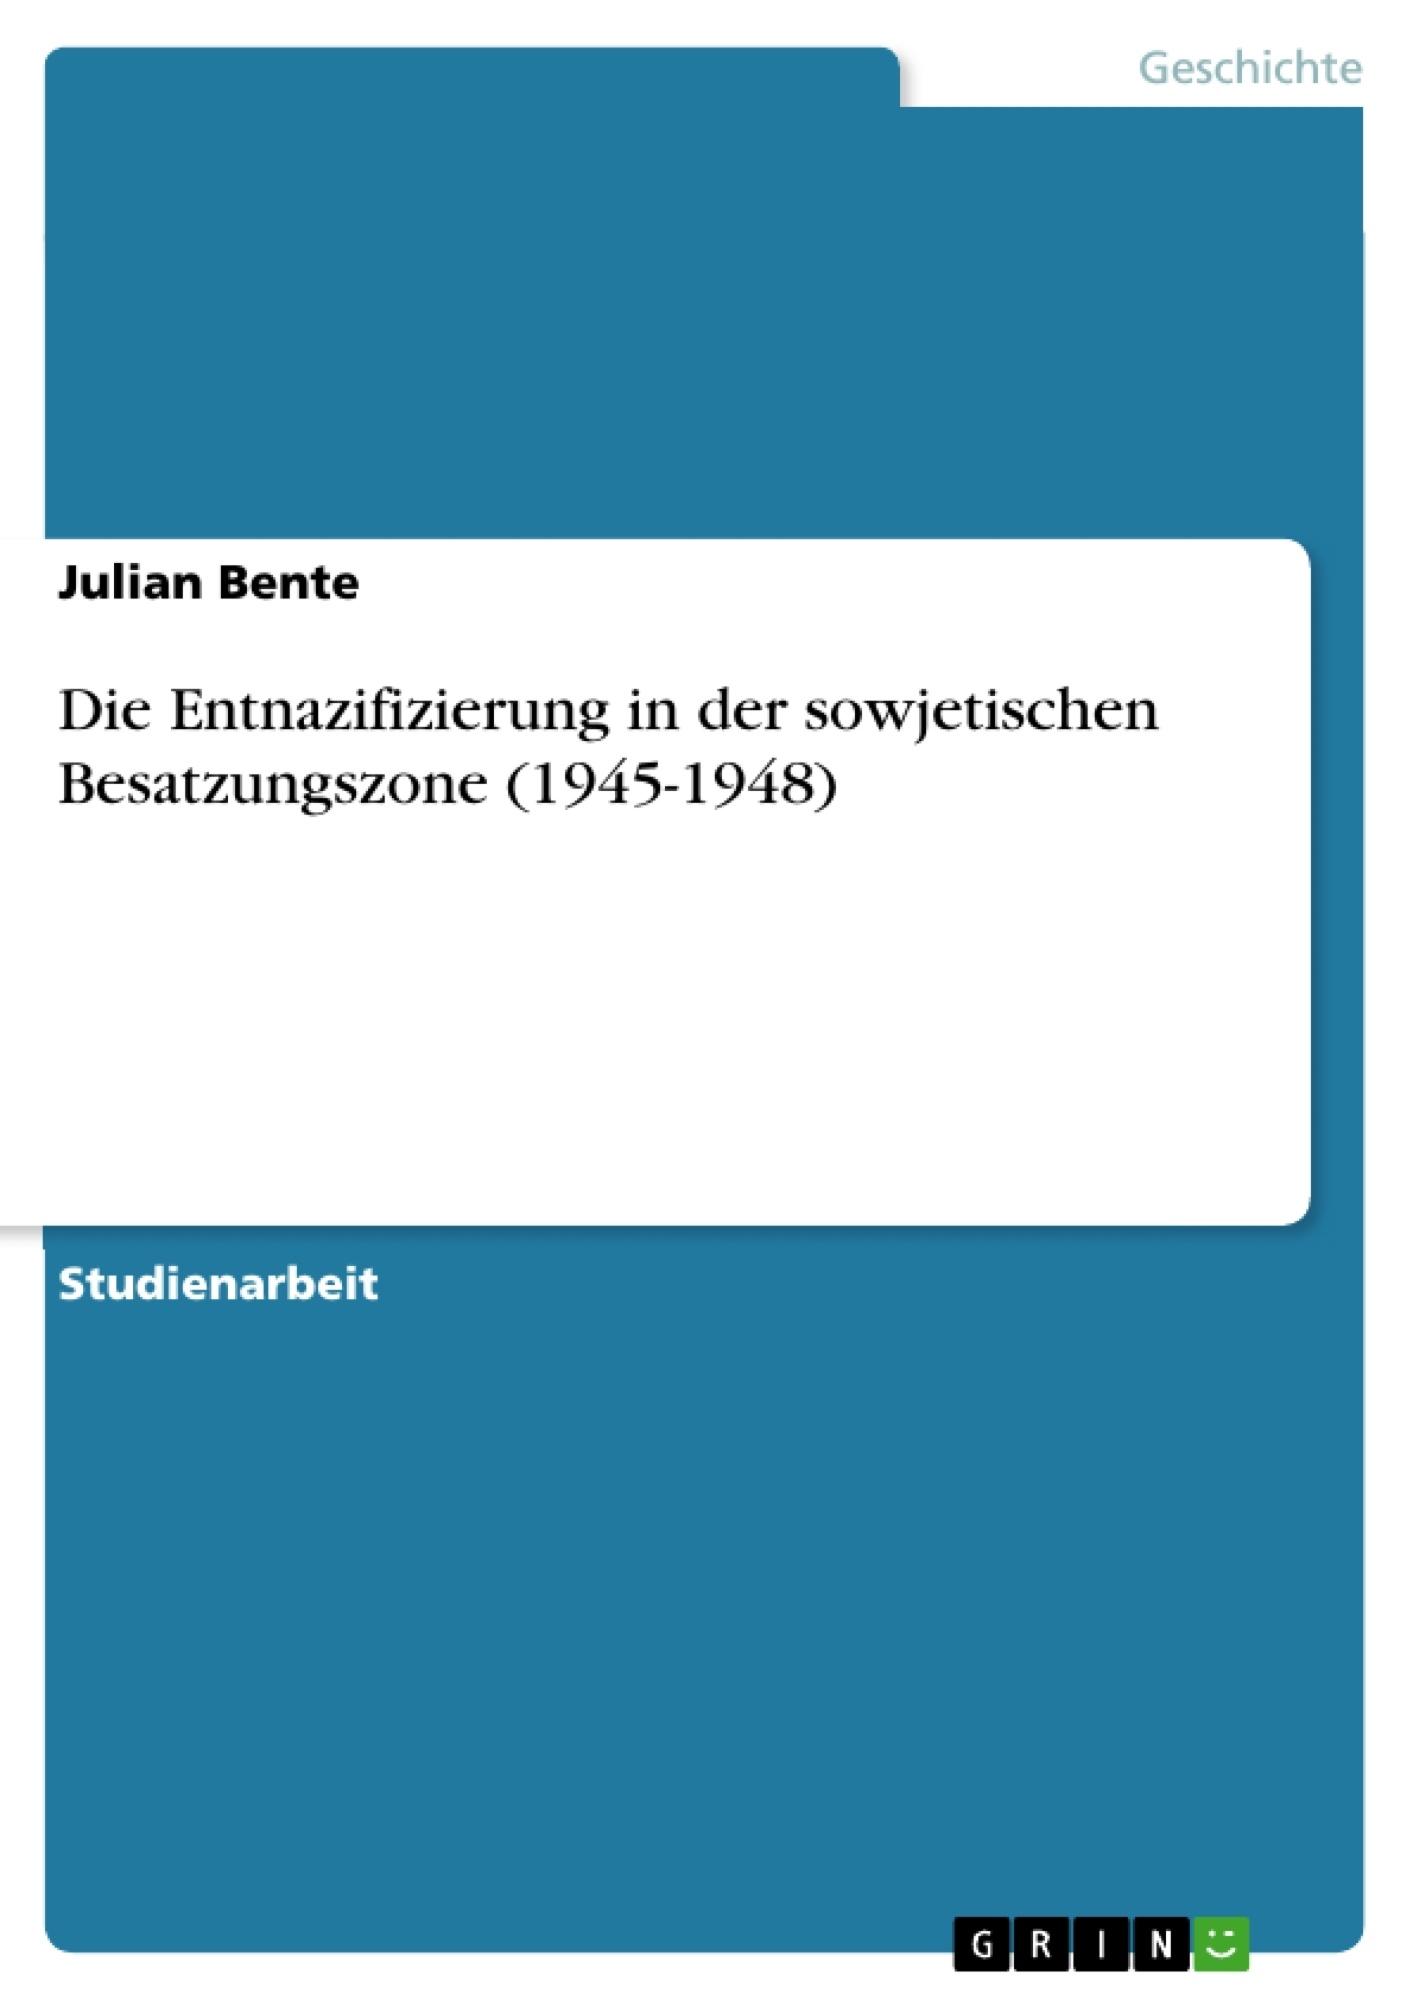 Titel: Die Entnazifizierung in der sowjetischen Besatzungszone (1945-1948)